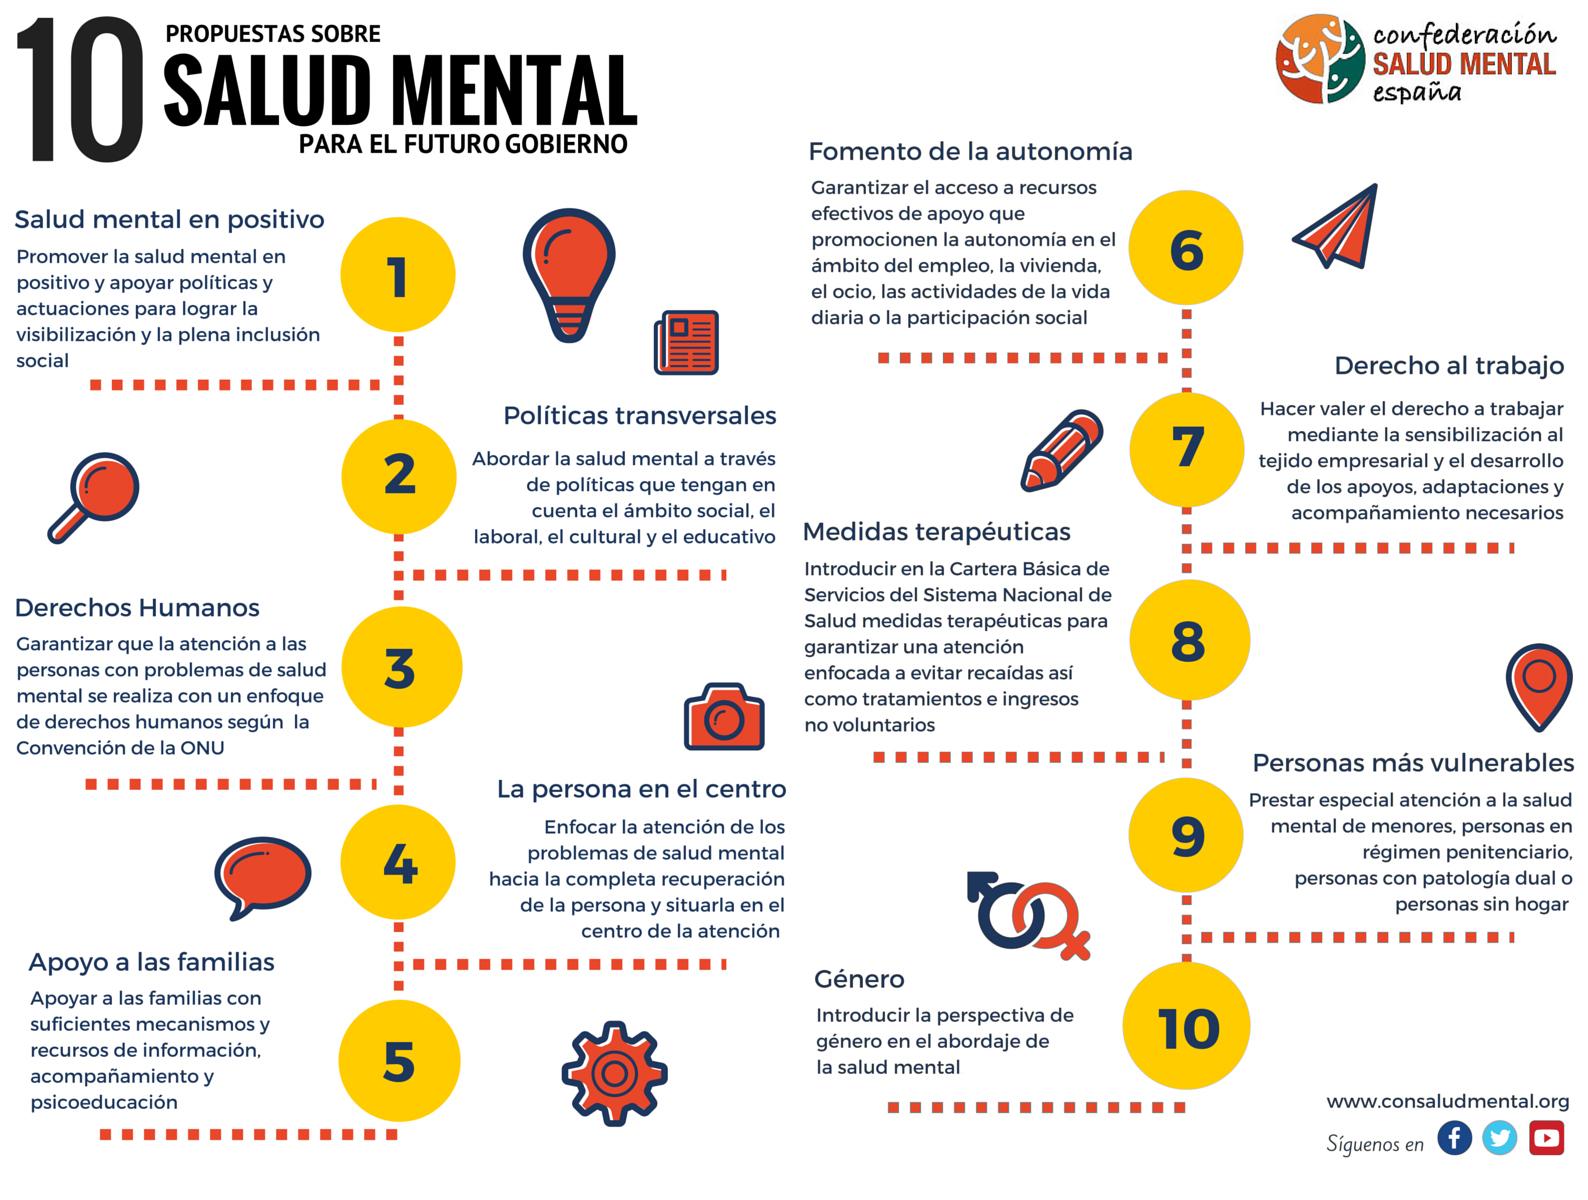 recomendaciones para tener buena salud mental